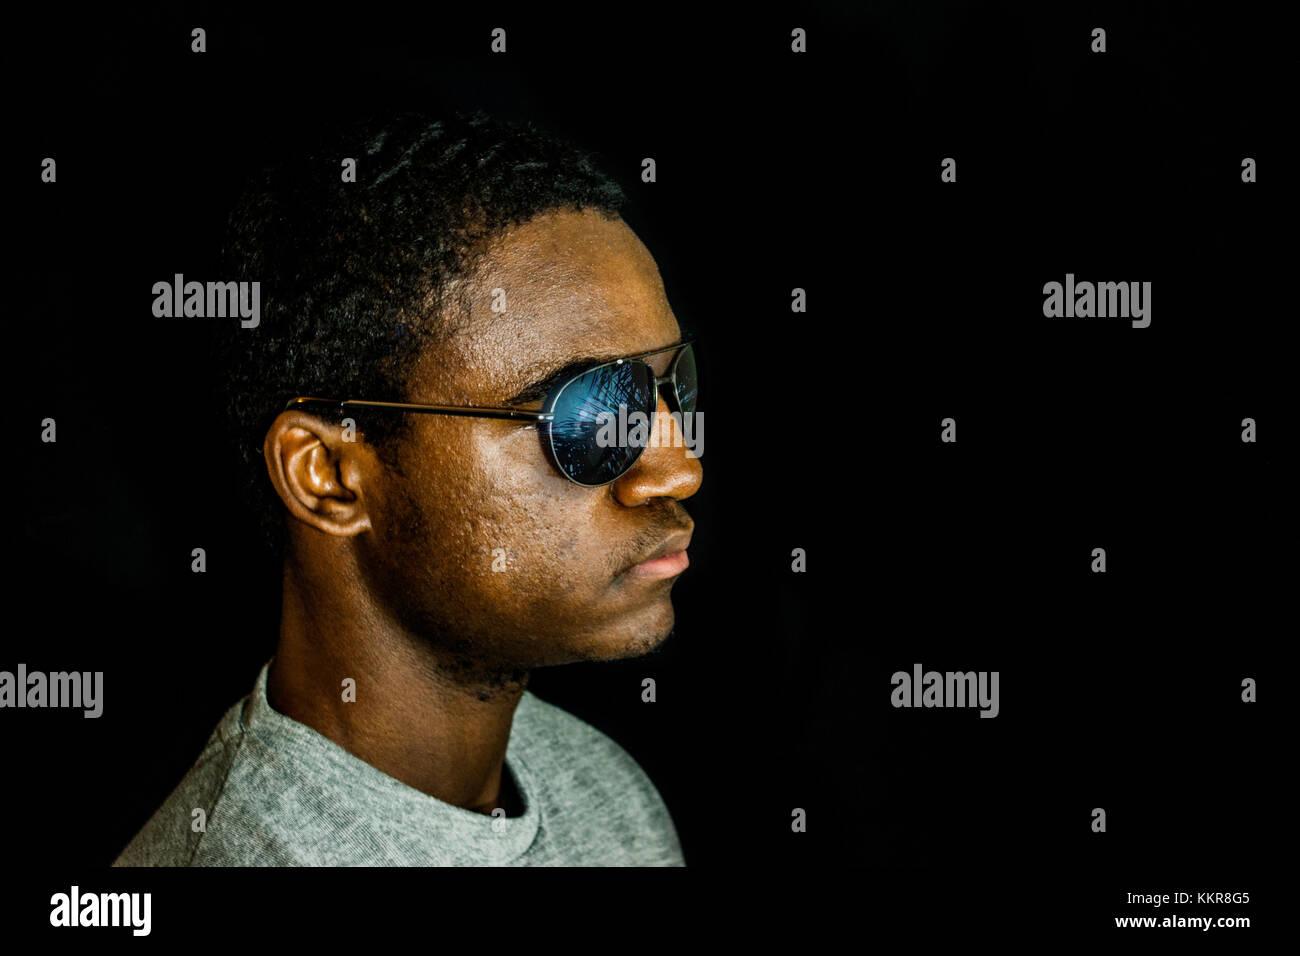 Man entfernt sich von der Kamera Sonnenbrillen tragen Stockbild